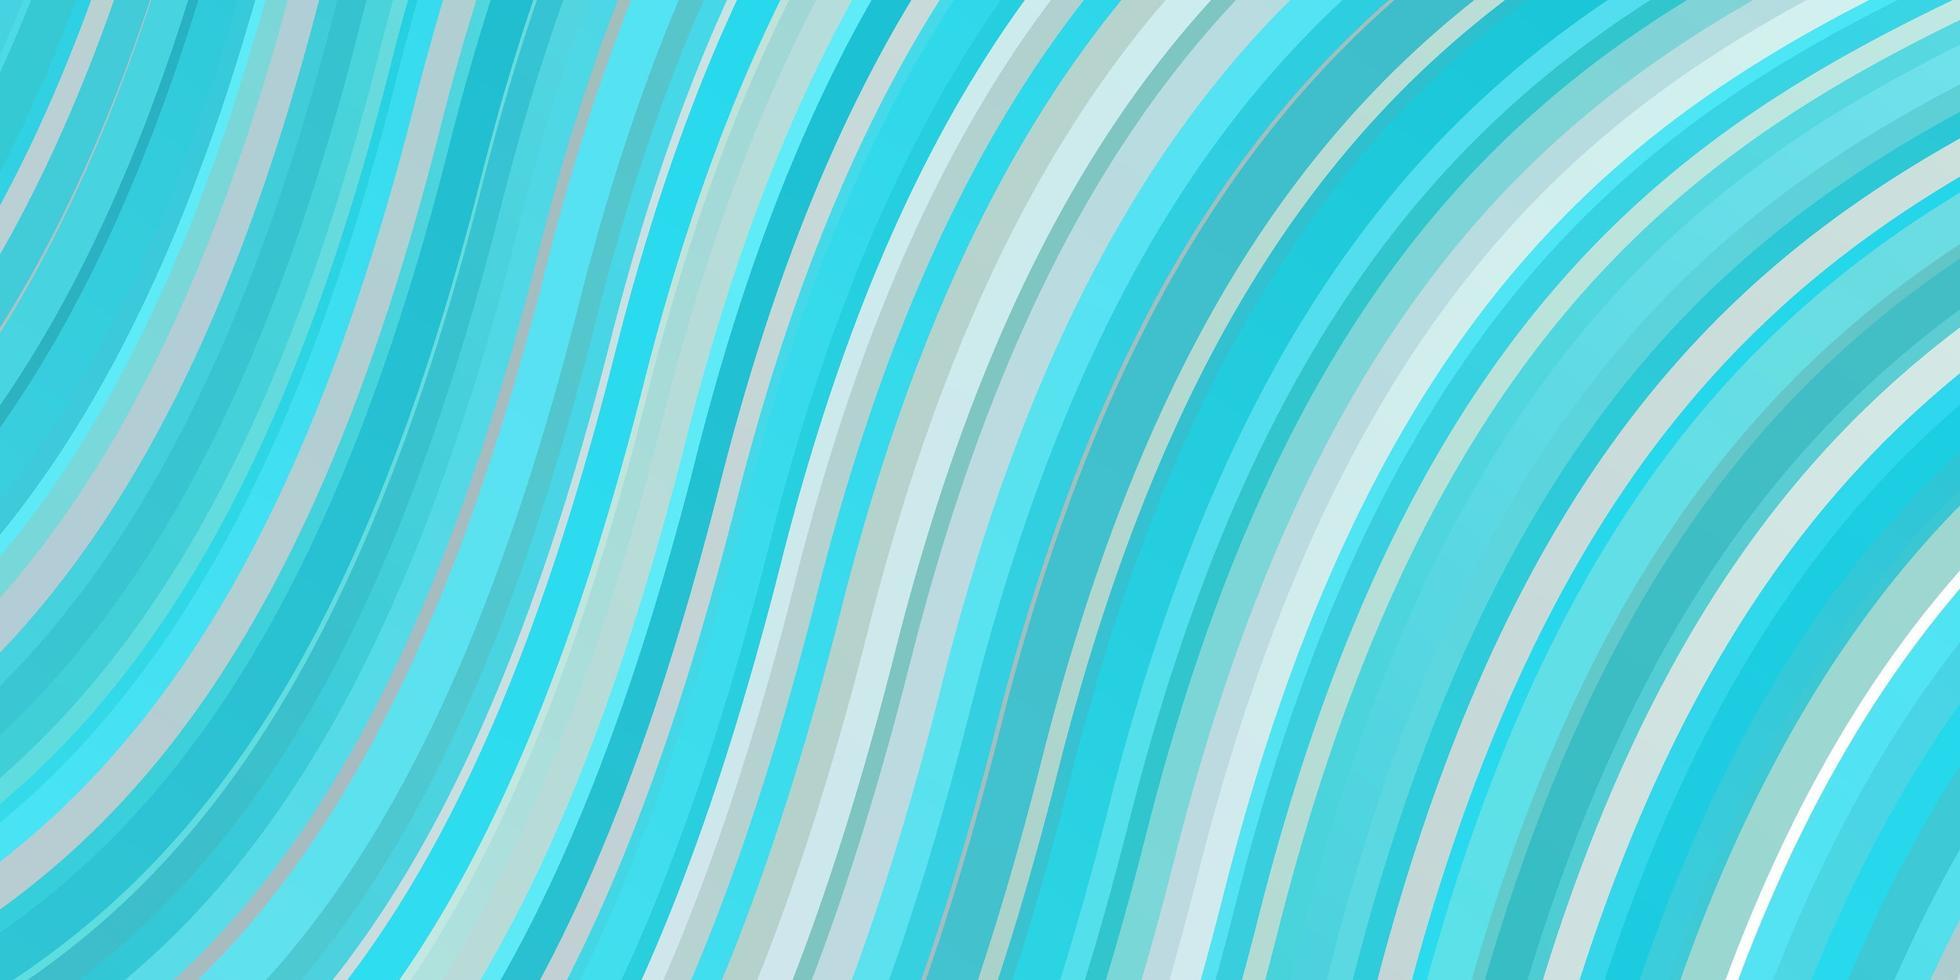 modello azzurro e verde con linee curve. vettore